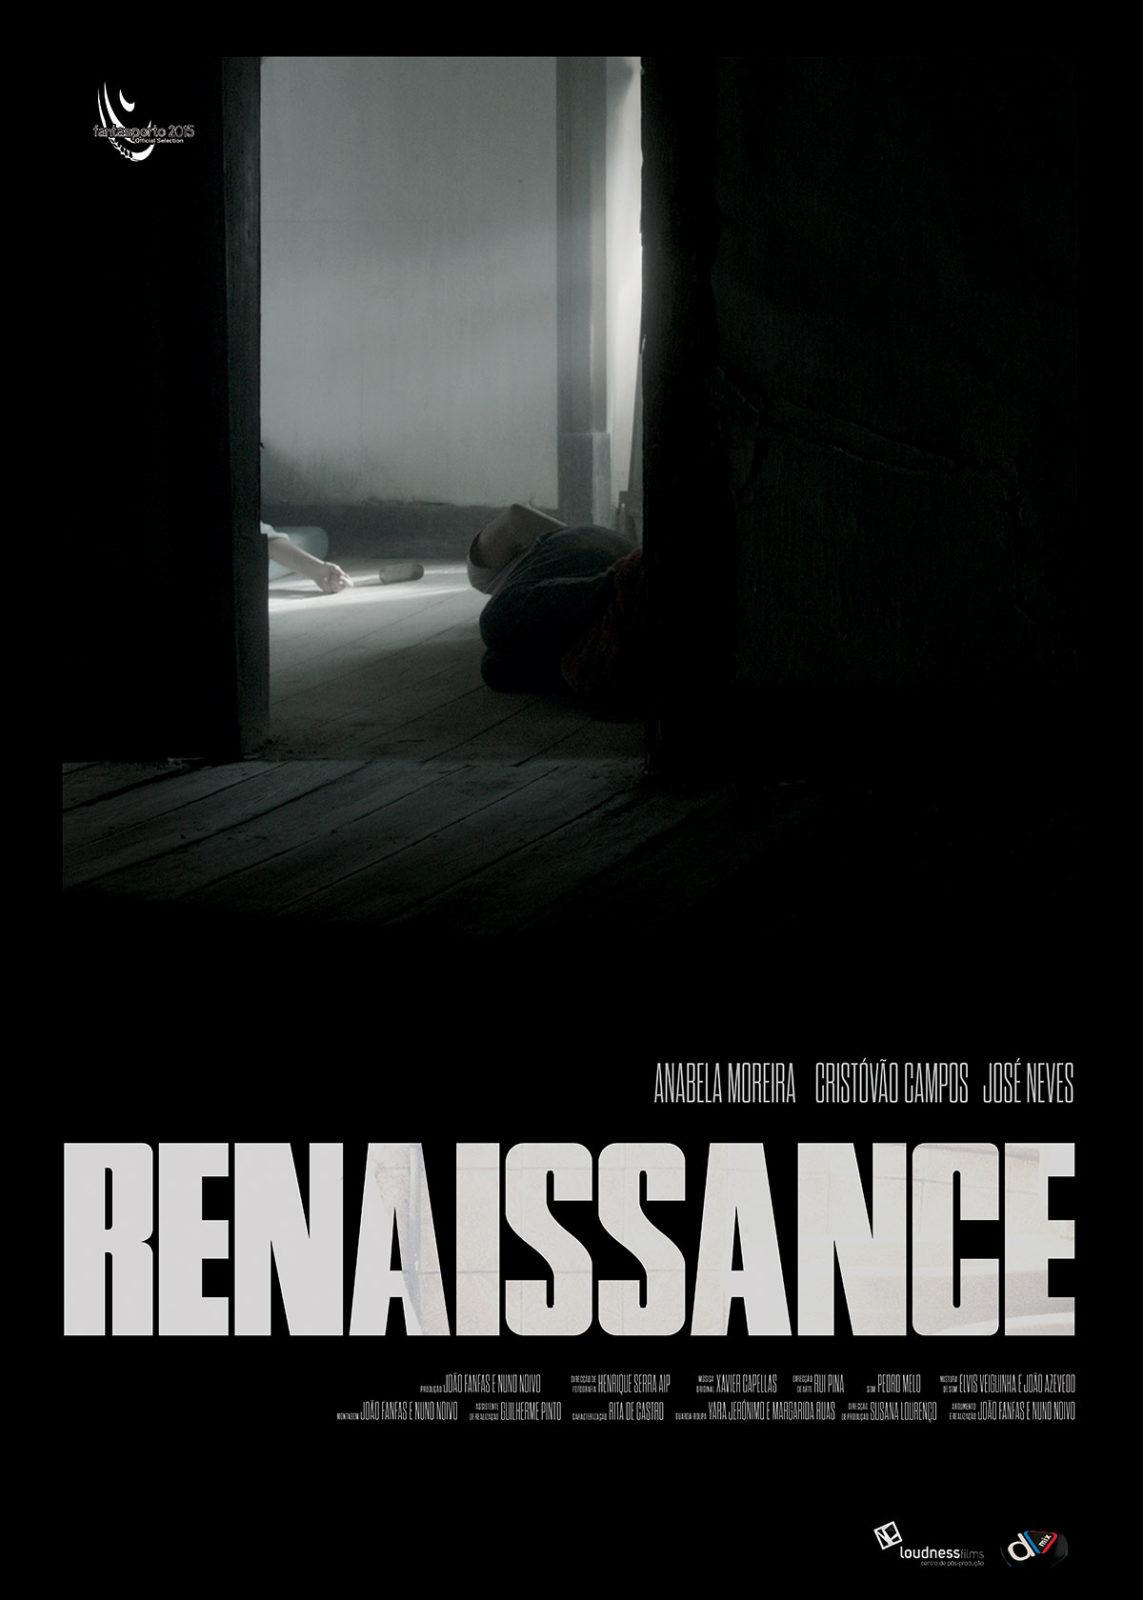 Renaissance Charivari 6